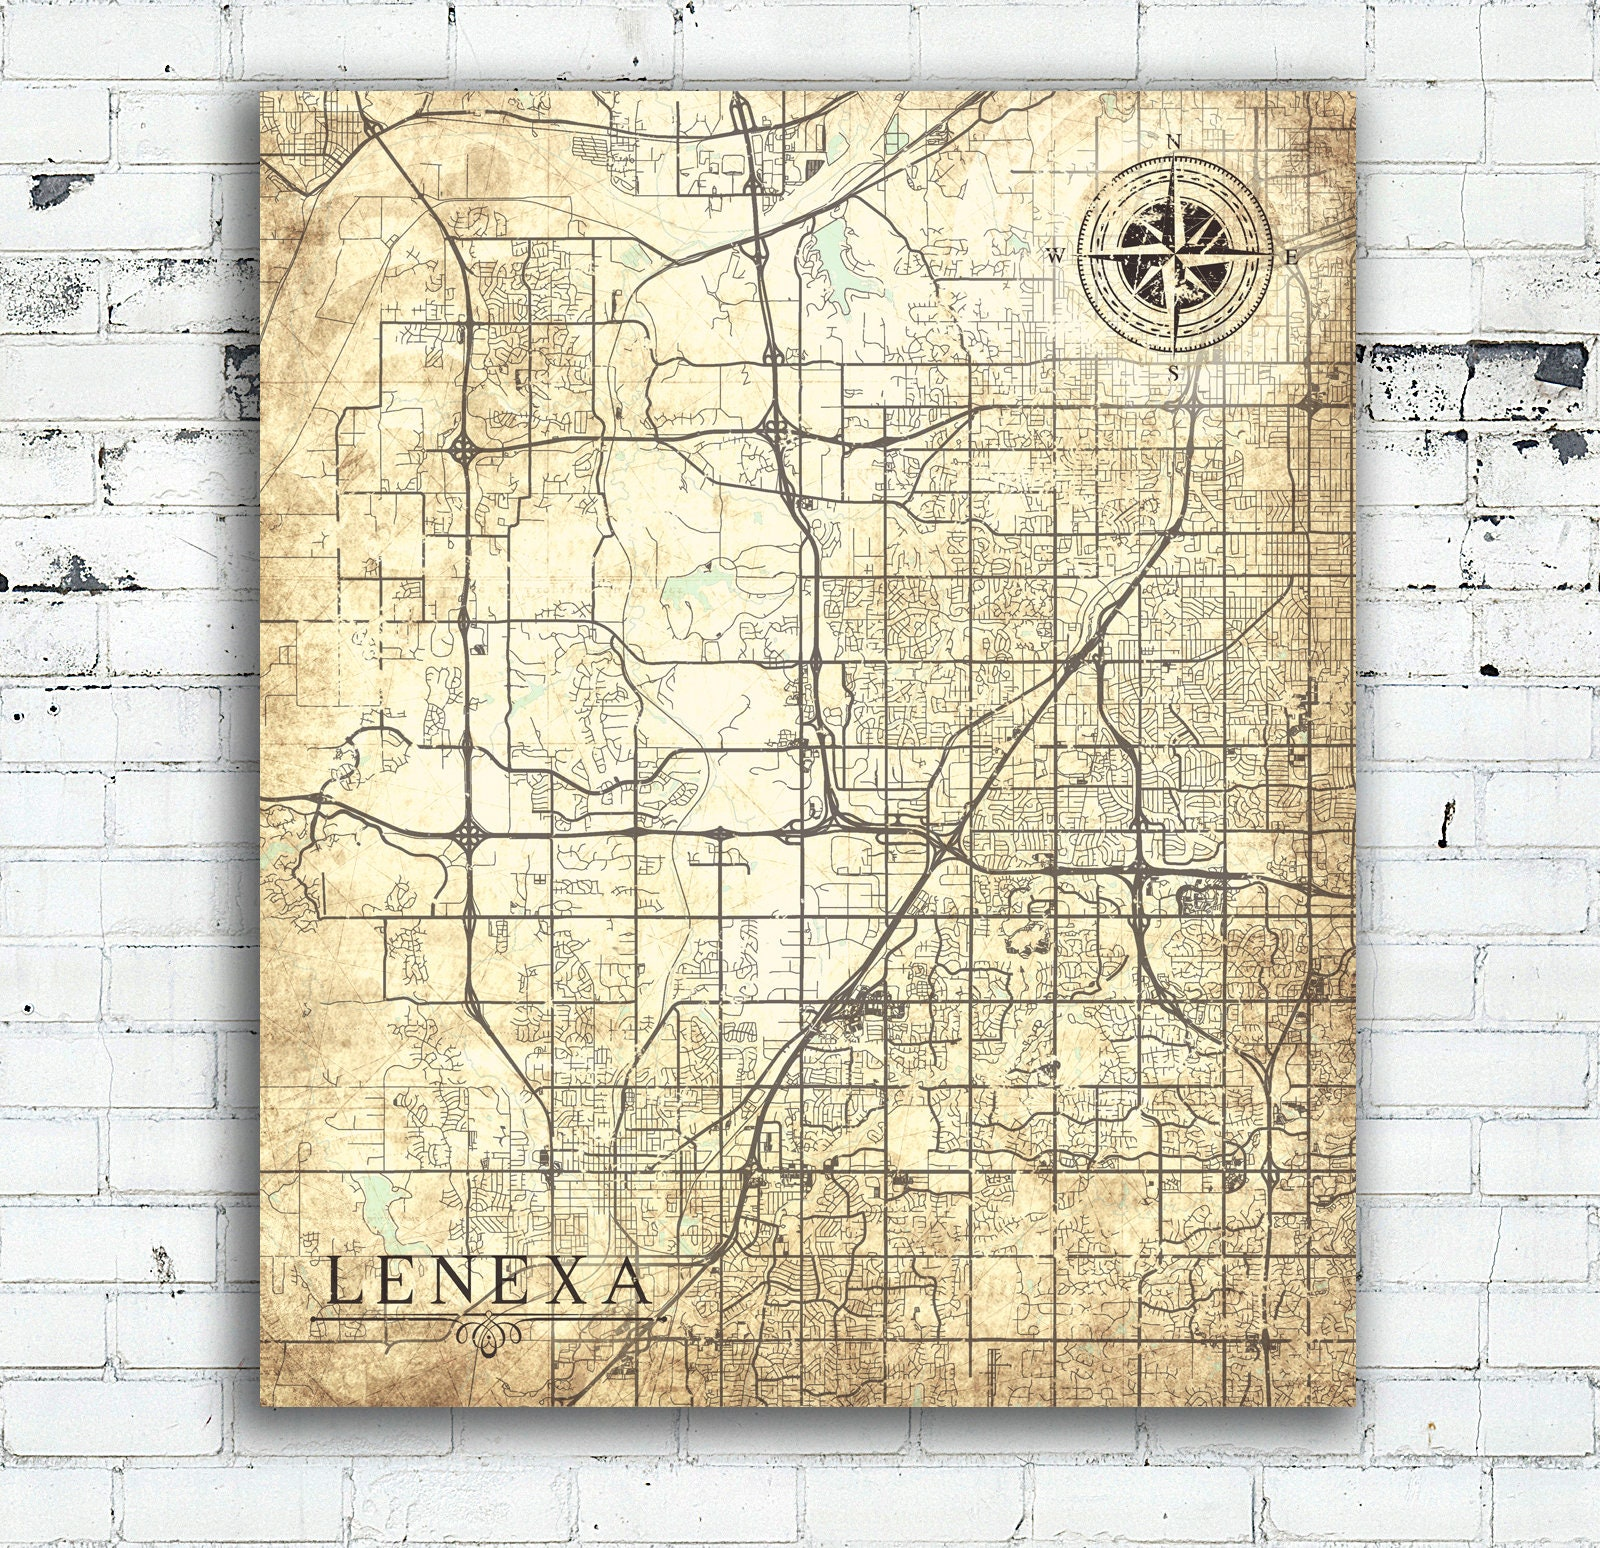 Lenexa Kansas Map.Lenexa Ks Canvas Print Kansas Town City Vintage Map Vintage Map Wall